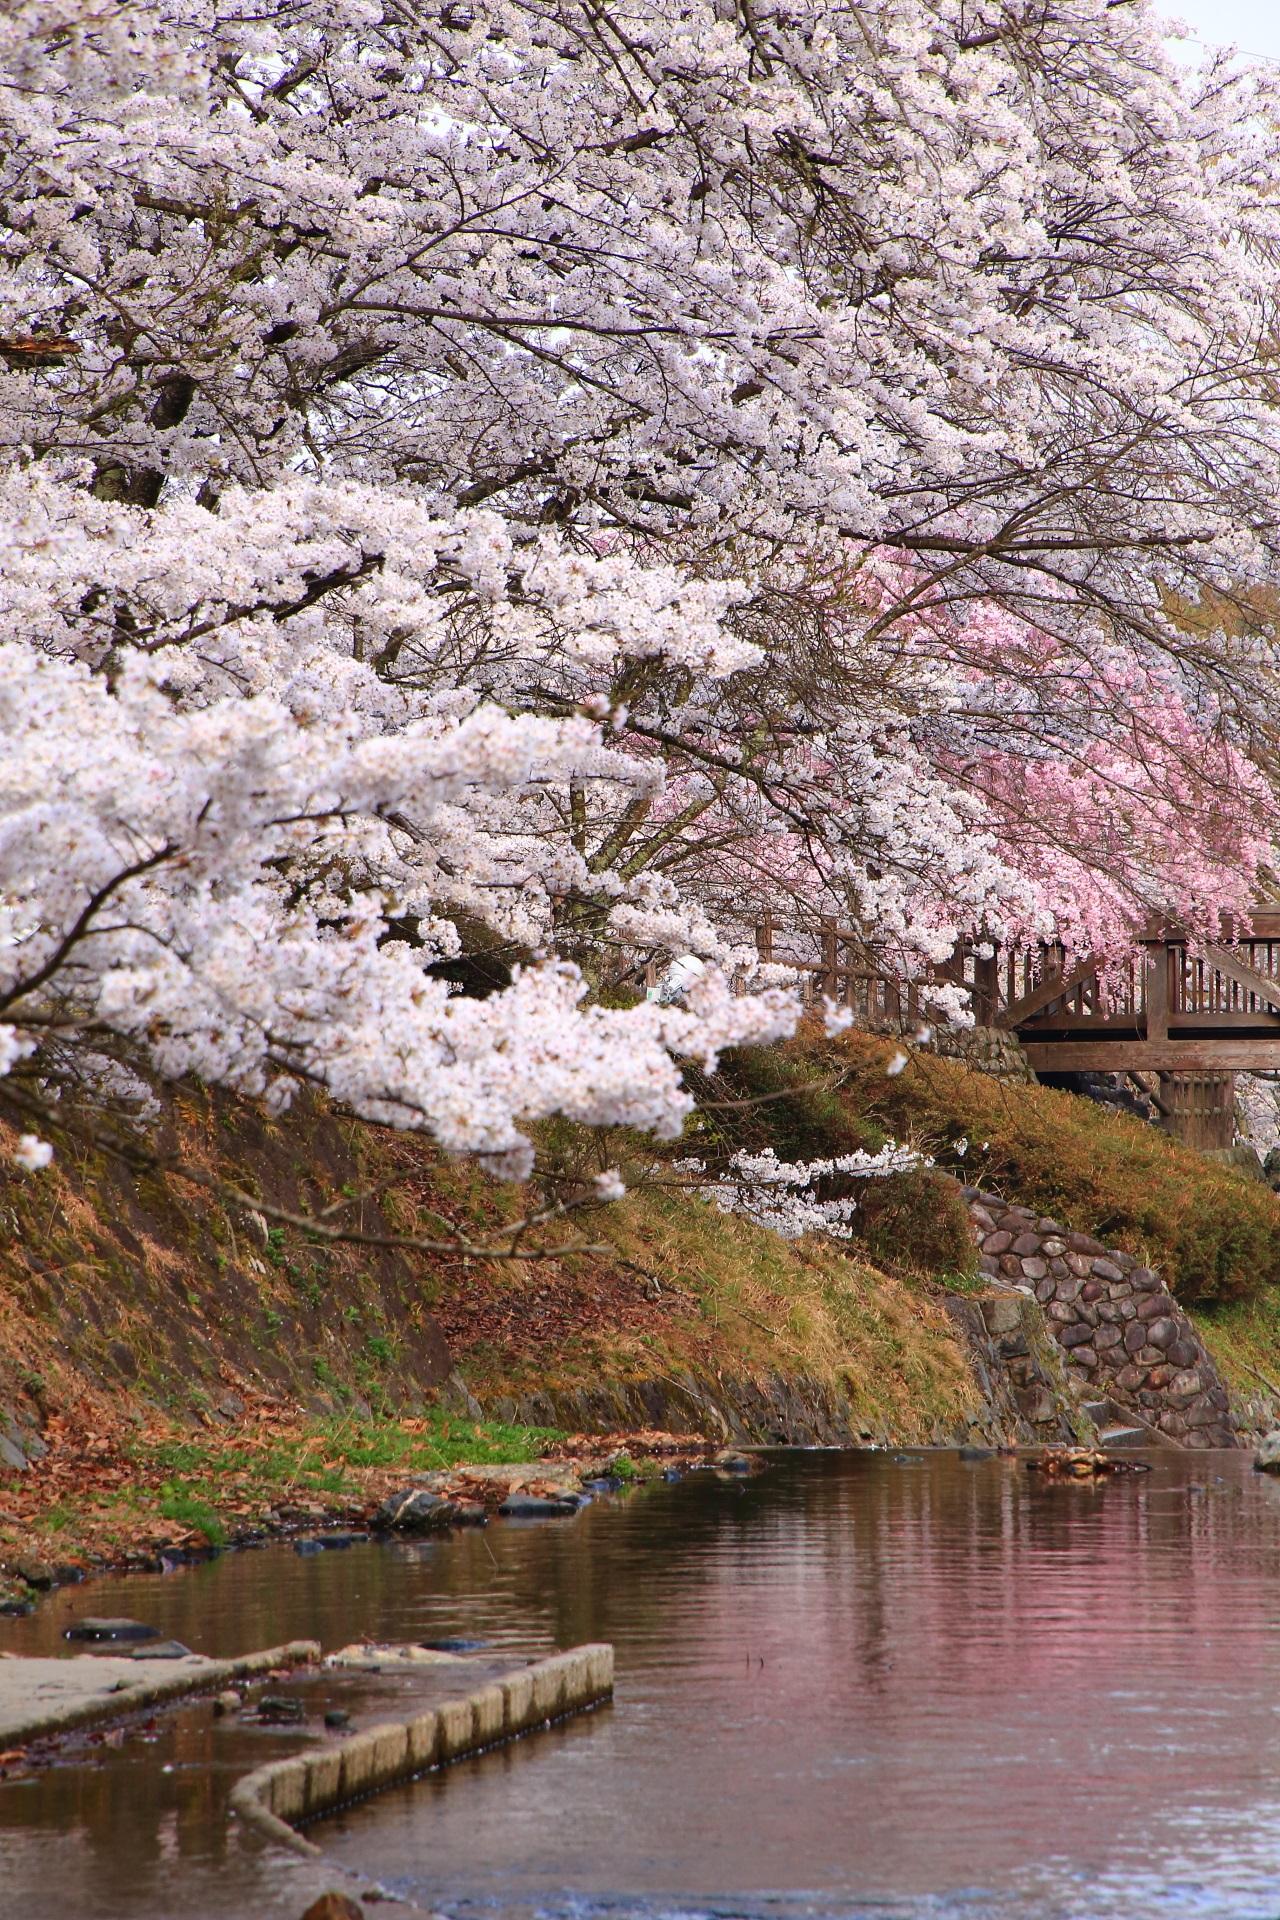 七谷川の白とピンクの桜の水鏡